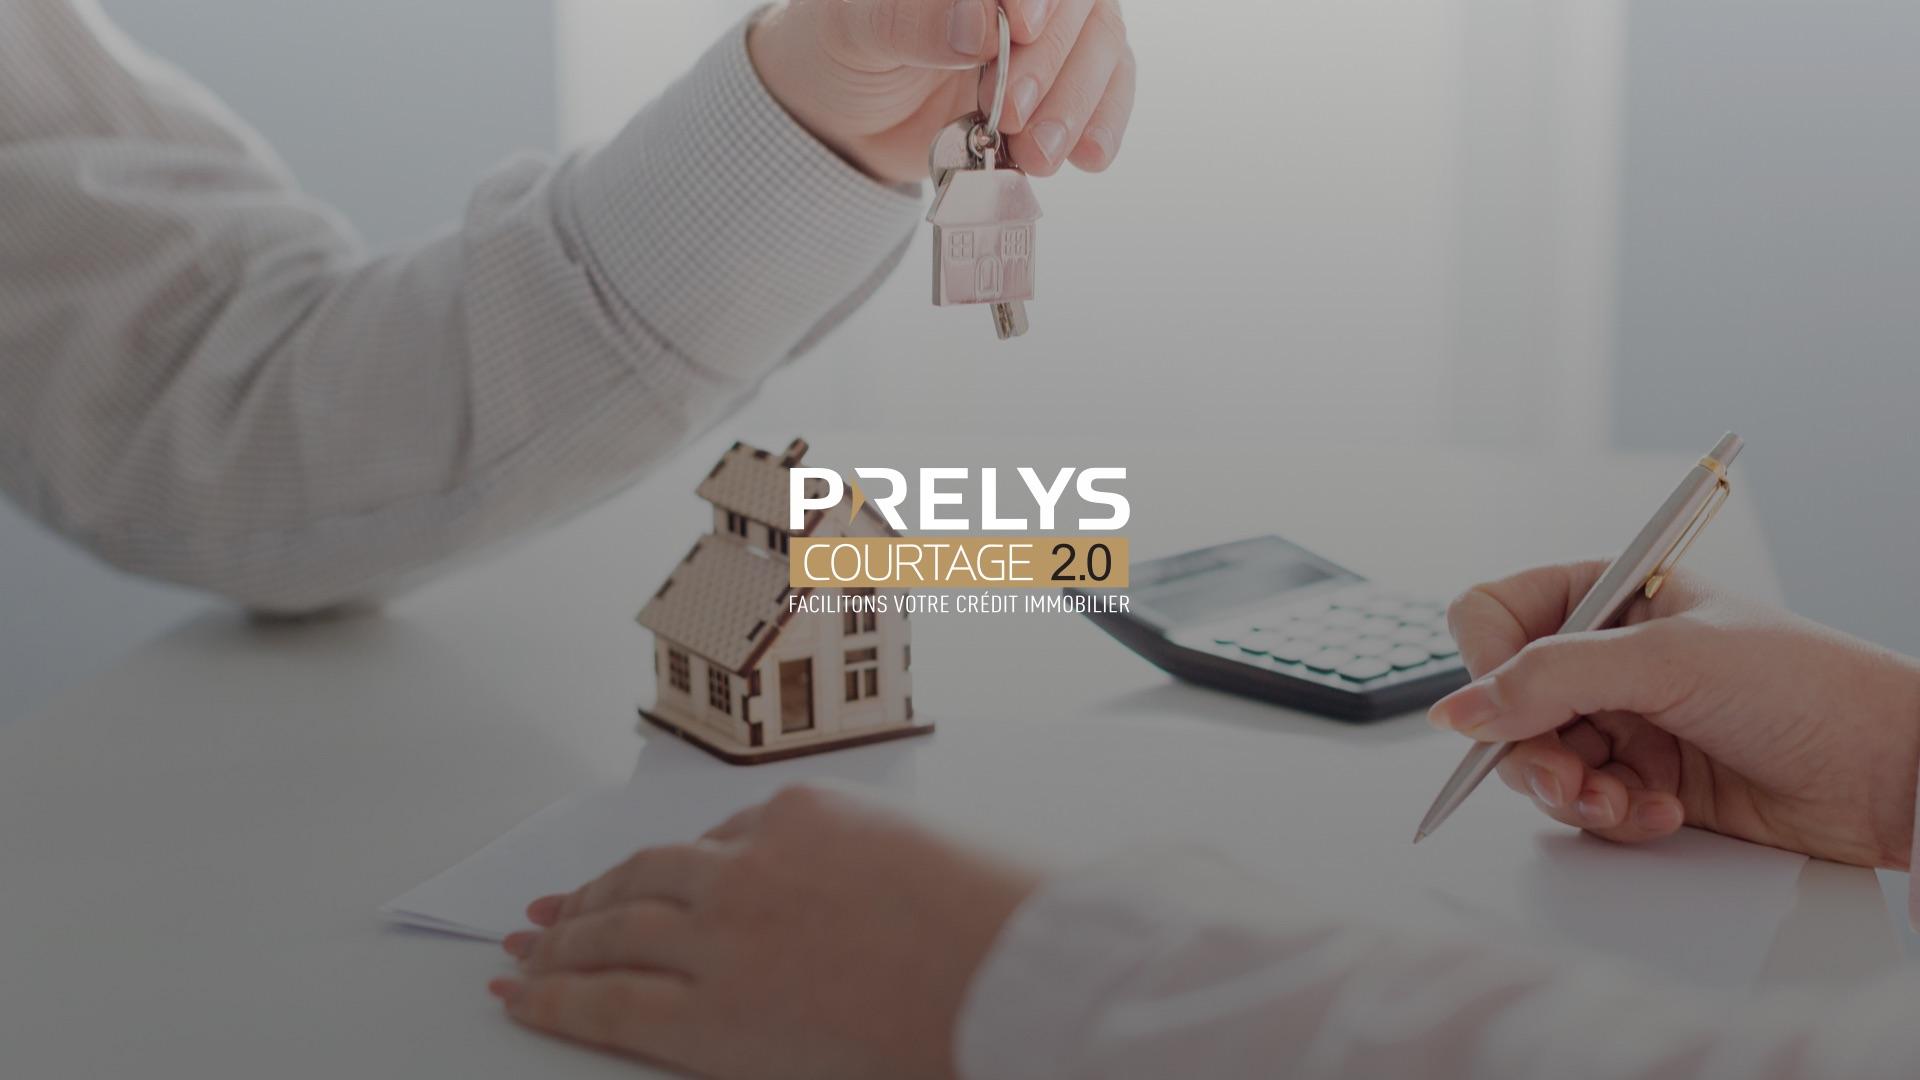 Prelys Courtage - 0